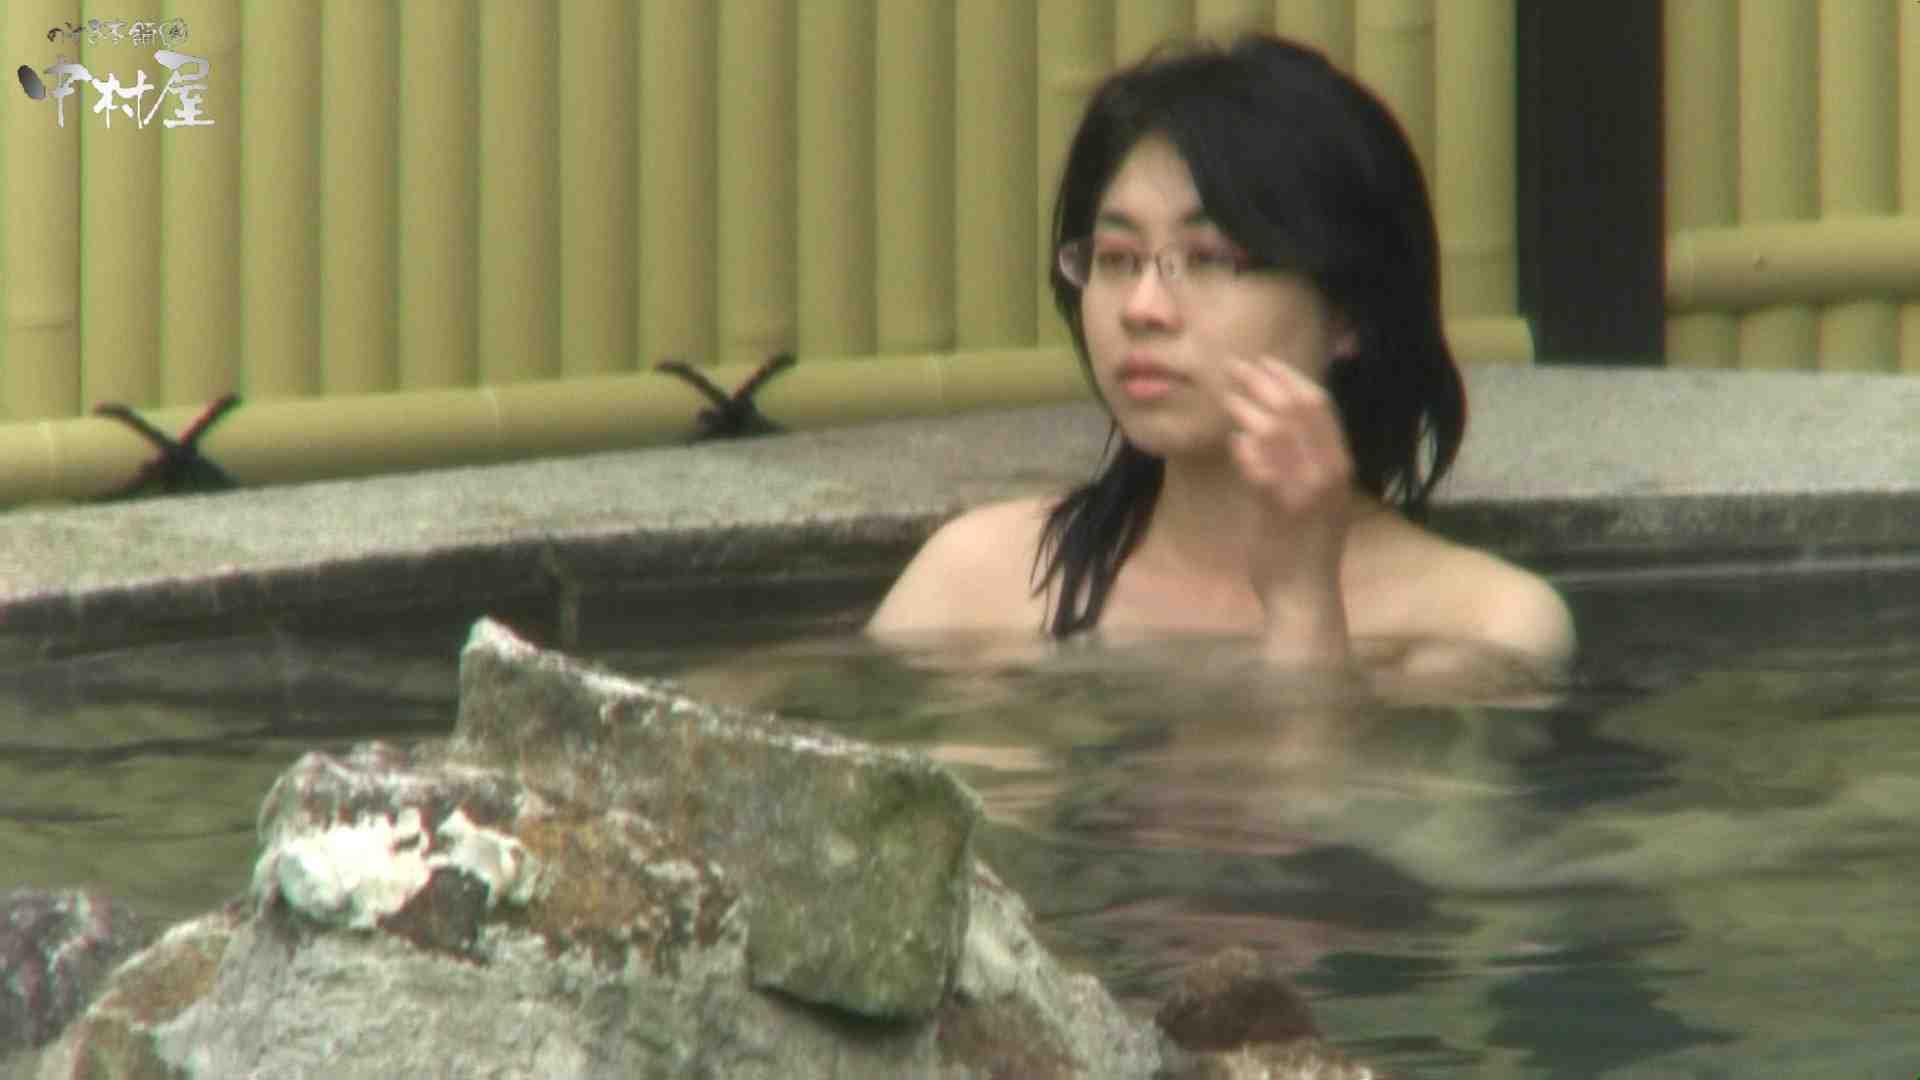 Aquaな露天風呂Vol.947 露天   盗撮  111枚 31